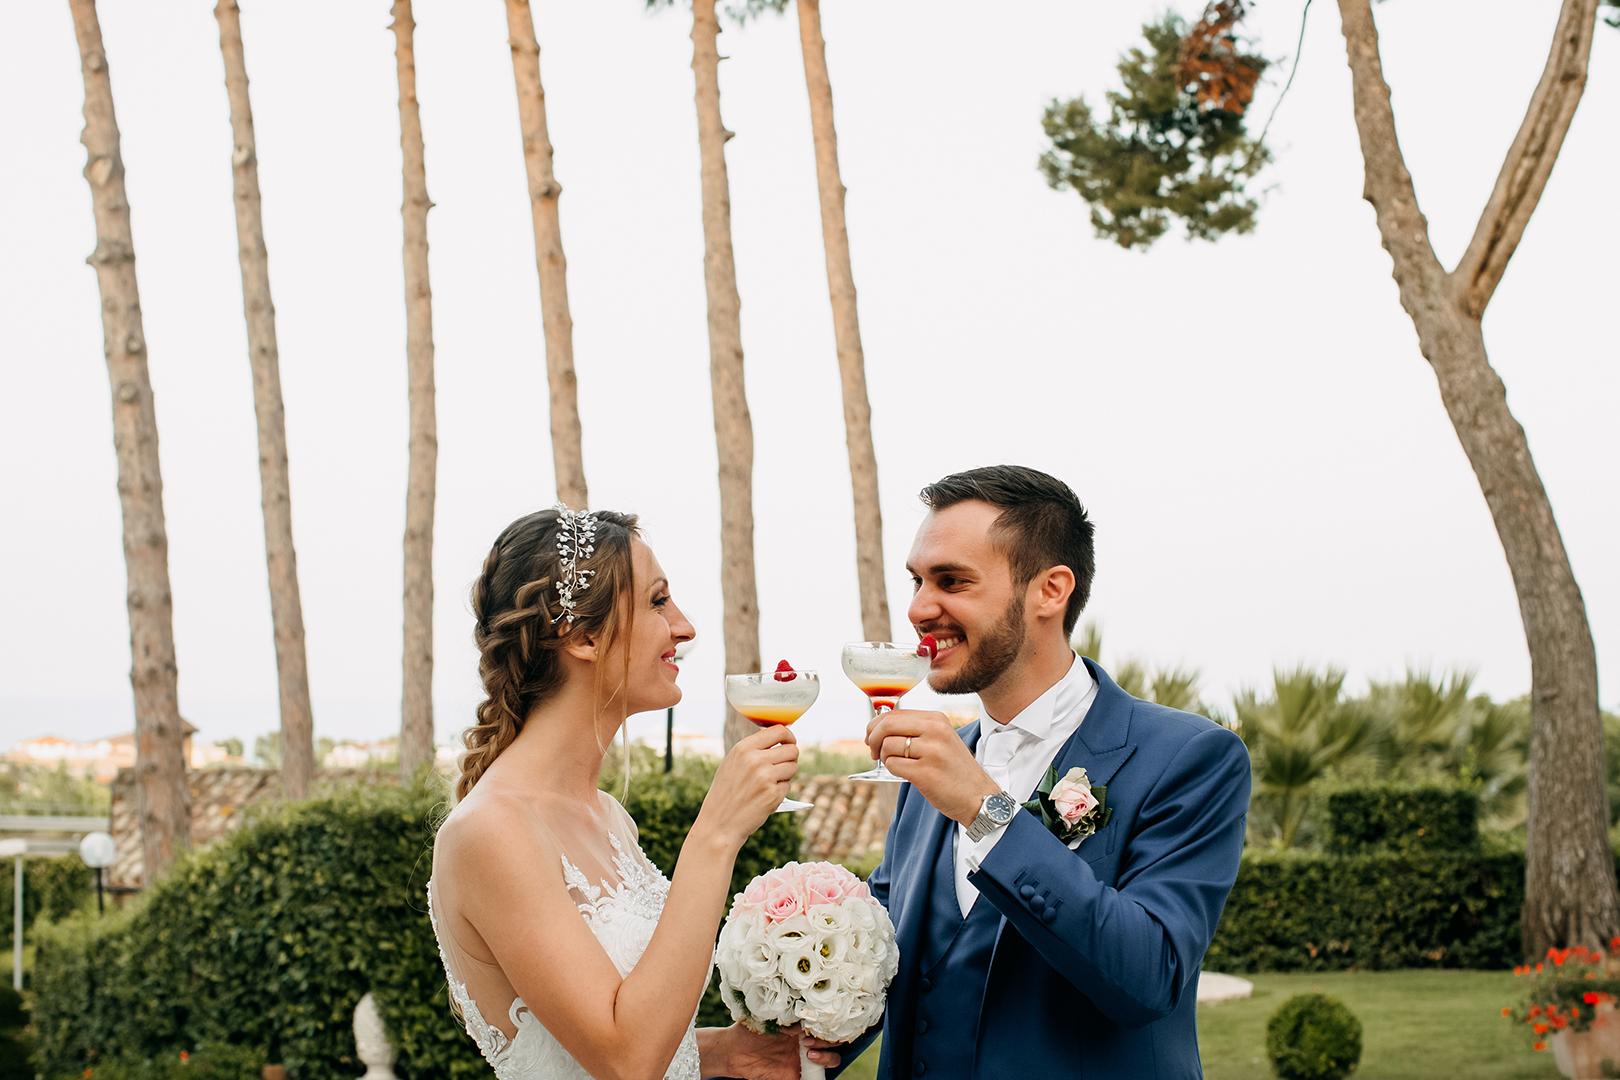 51 gianni-lepore-fotografo-wedding-sposi-groom-bride-ritratto-fineart-italia-brindisi-villa-rossi